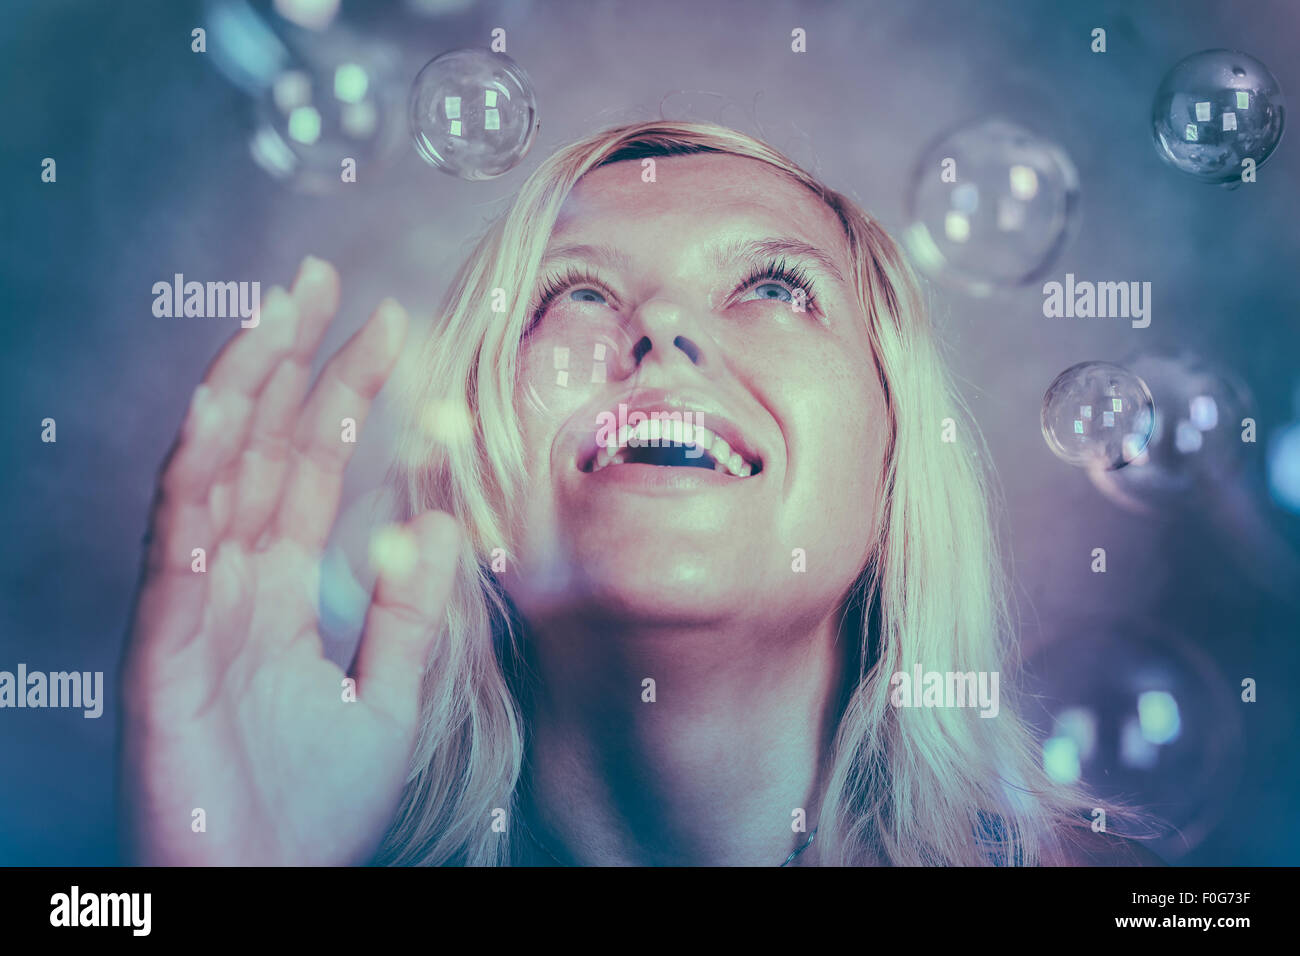 Wunderschöne lächelnde Blondine nachschlagen und genießen Sie fantastische Wunderland. Stockbild